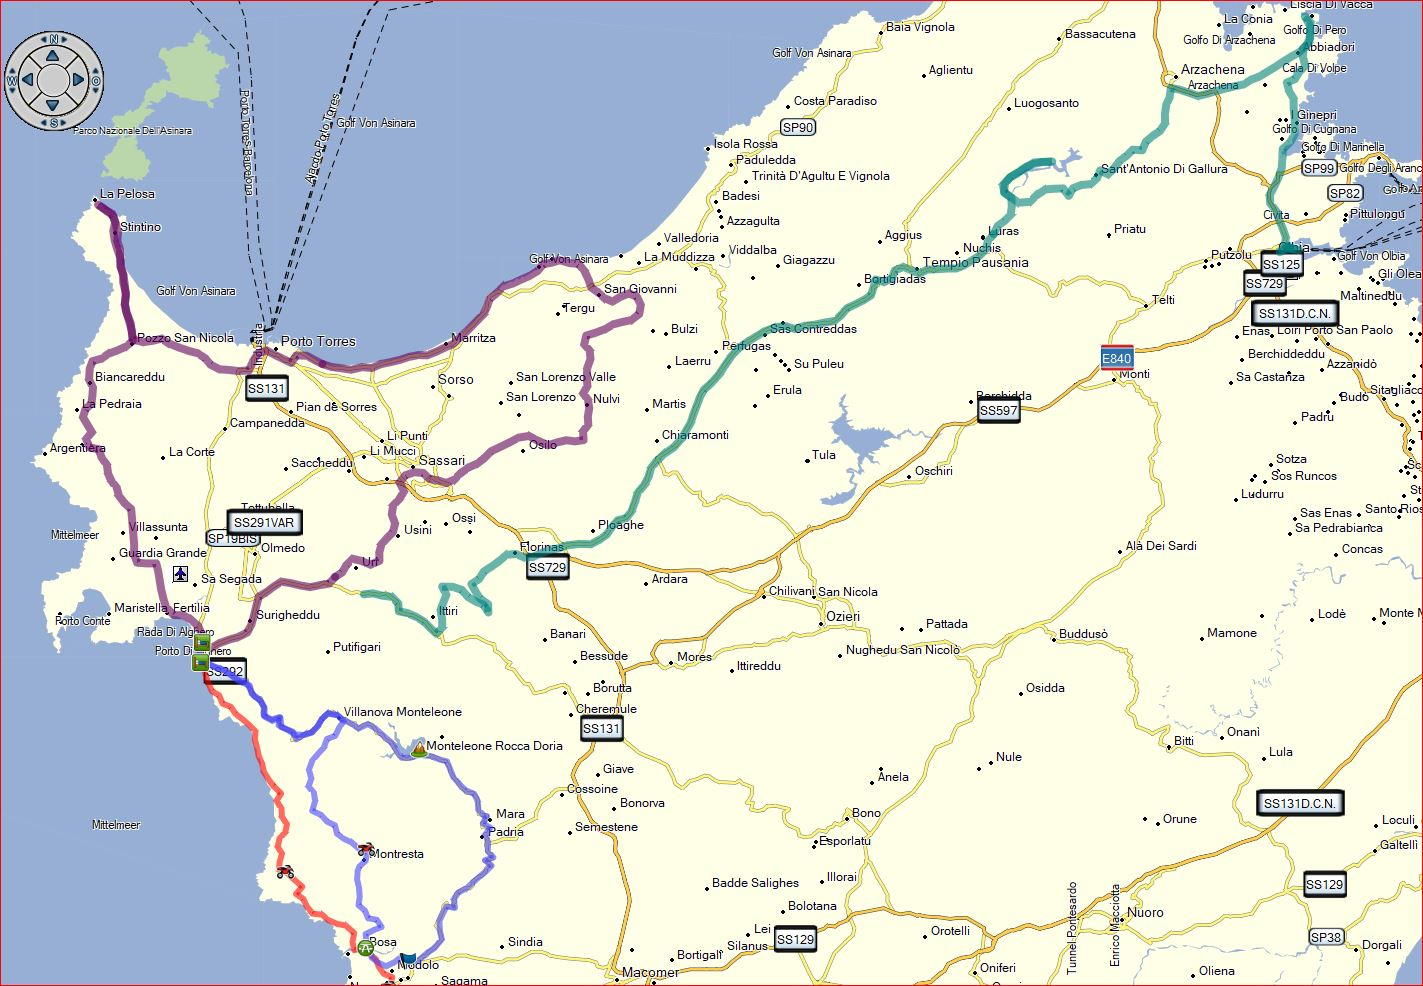 Strecken im Nordwesten um Alghero und zum Fährhafen Olbia im Nordosten